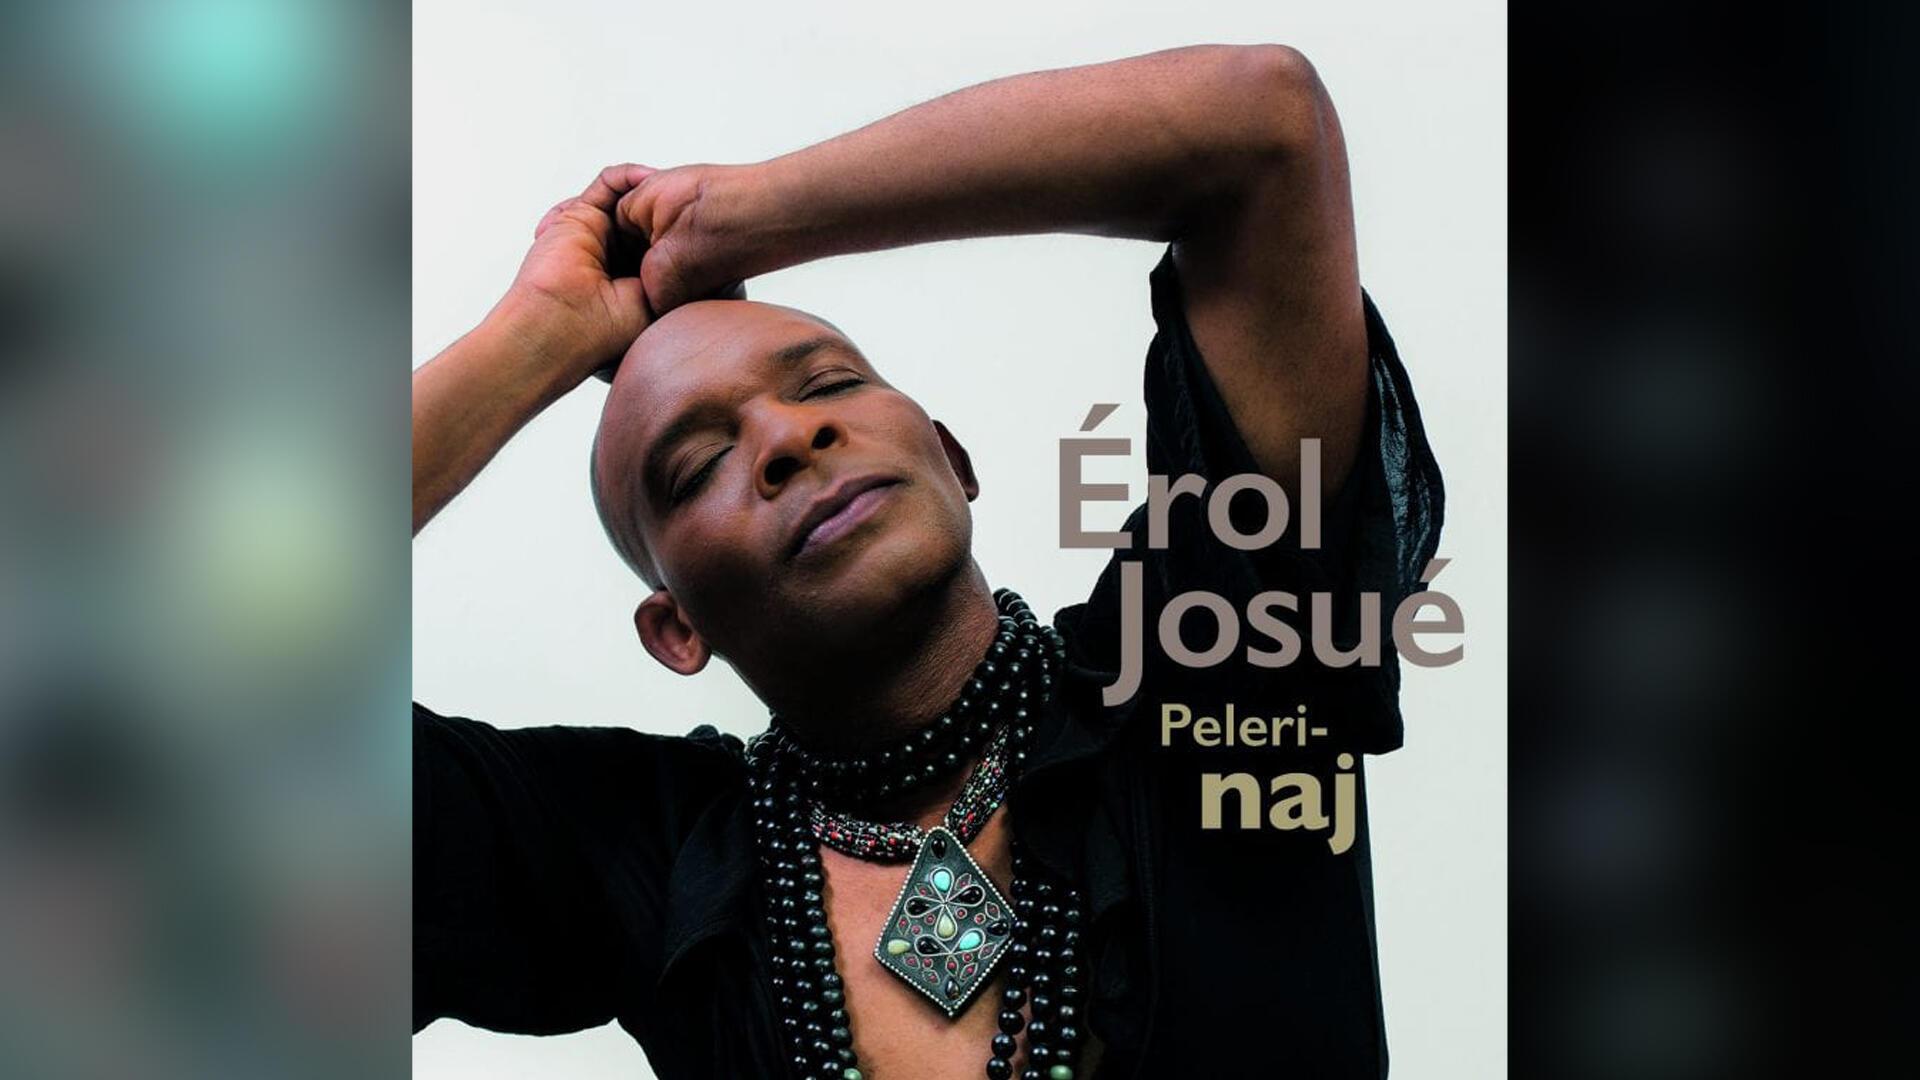 Musique - Erol Josué - Pelerinaj - Koze Kilti - Haïti